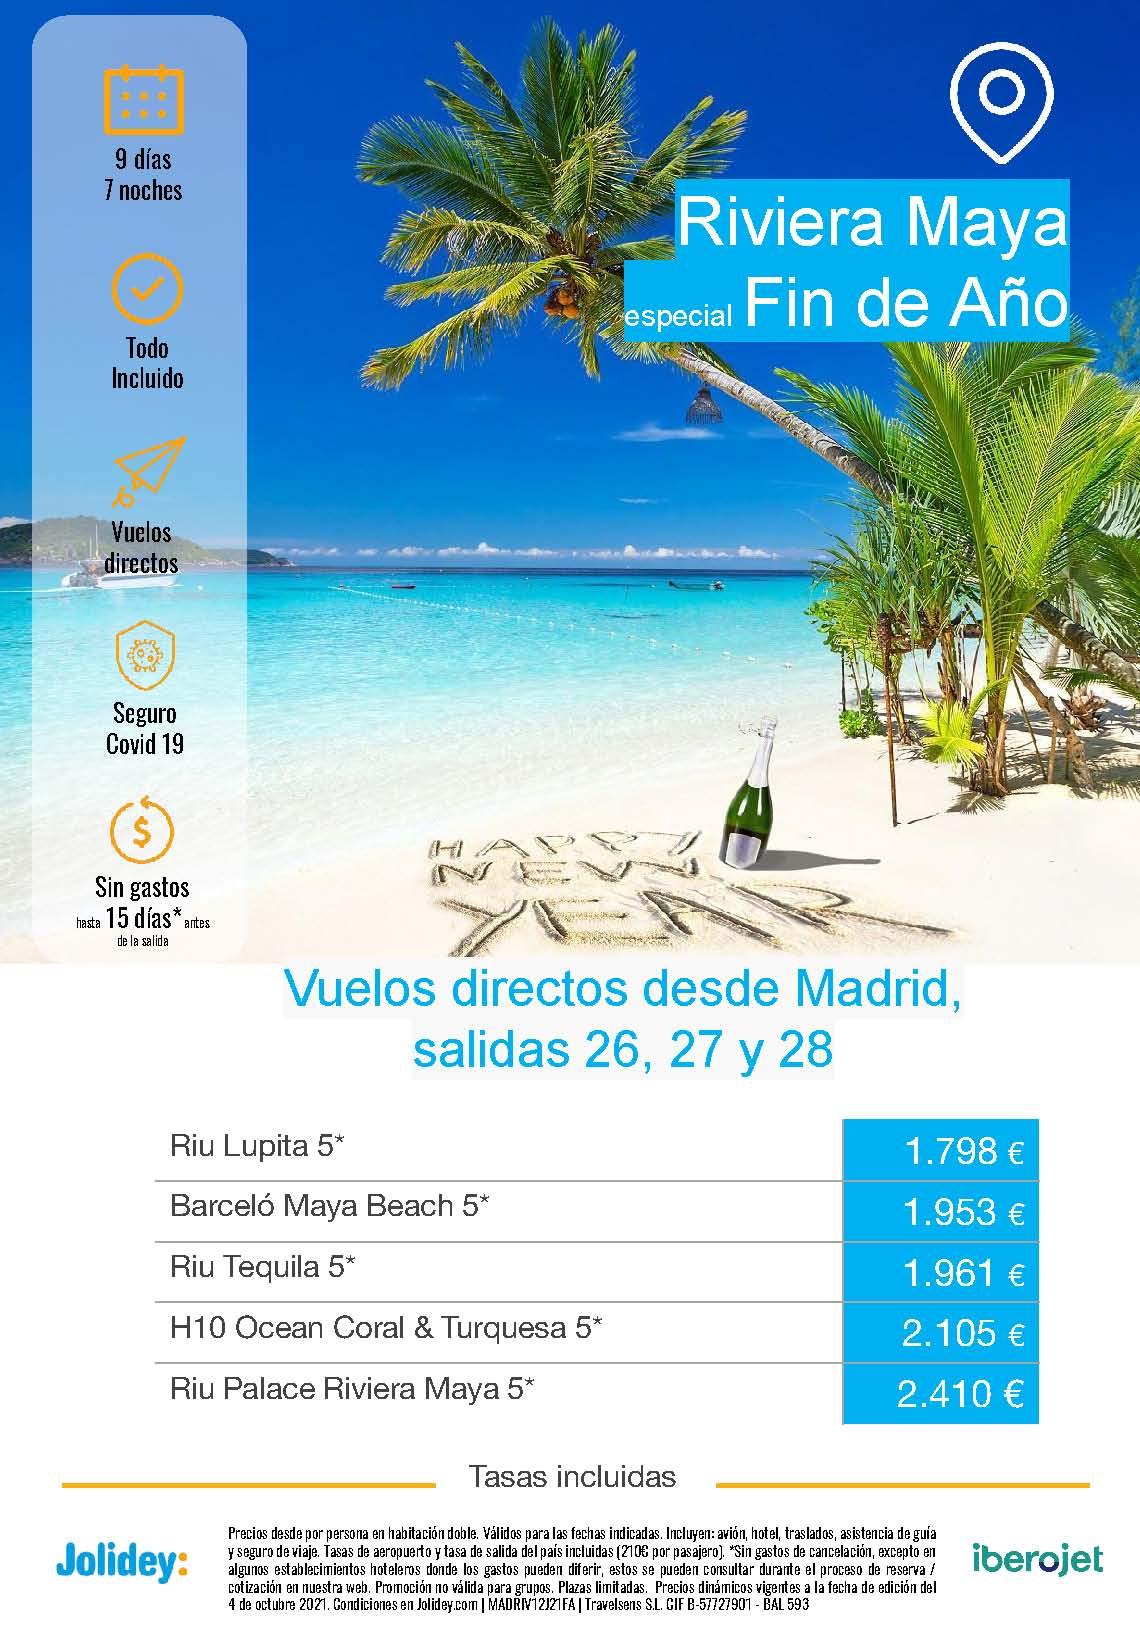 Ofertas Jolidey Fin de Ano 2021 en Riviera Maya Mexico salida en vuelo directo desde Madrid